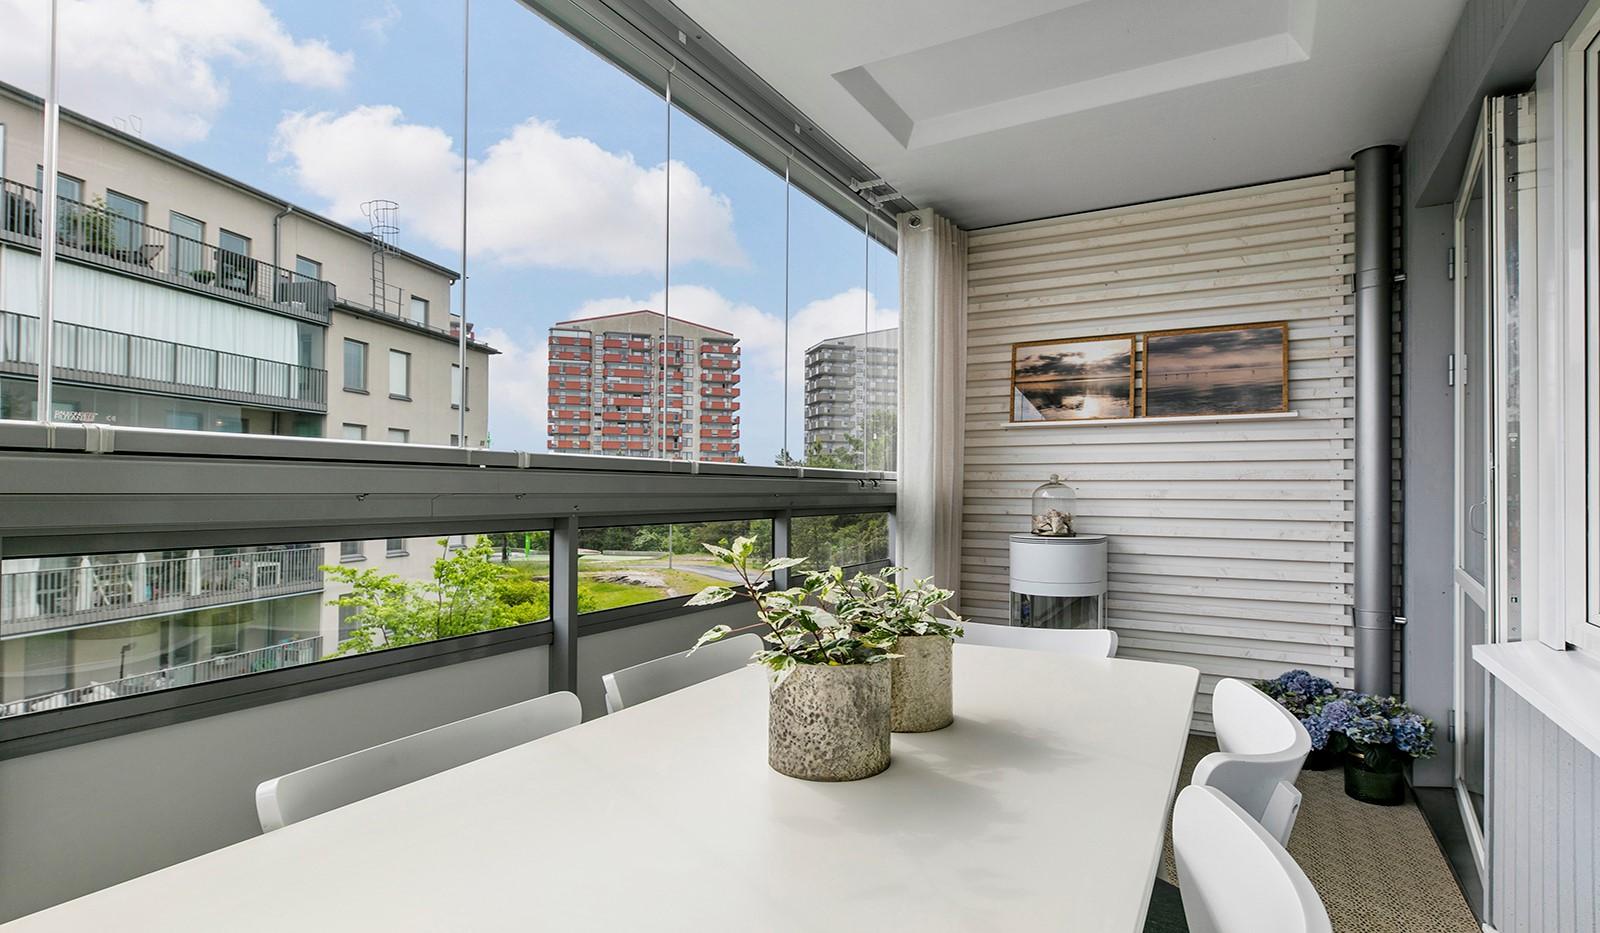 Sjöviksbacken 55, 4 tr - Tack vare inglasningen kan man nyttja balkongen under större del av året